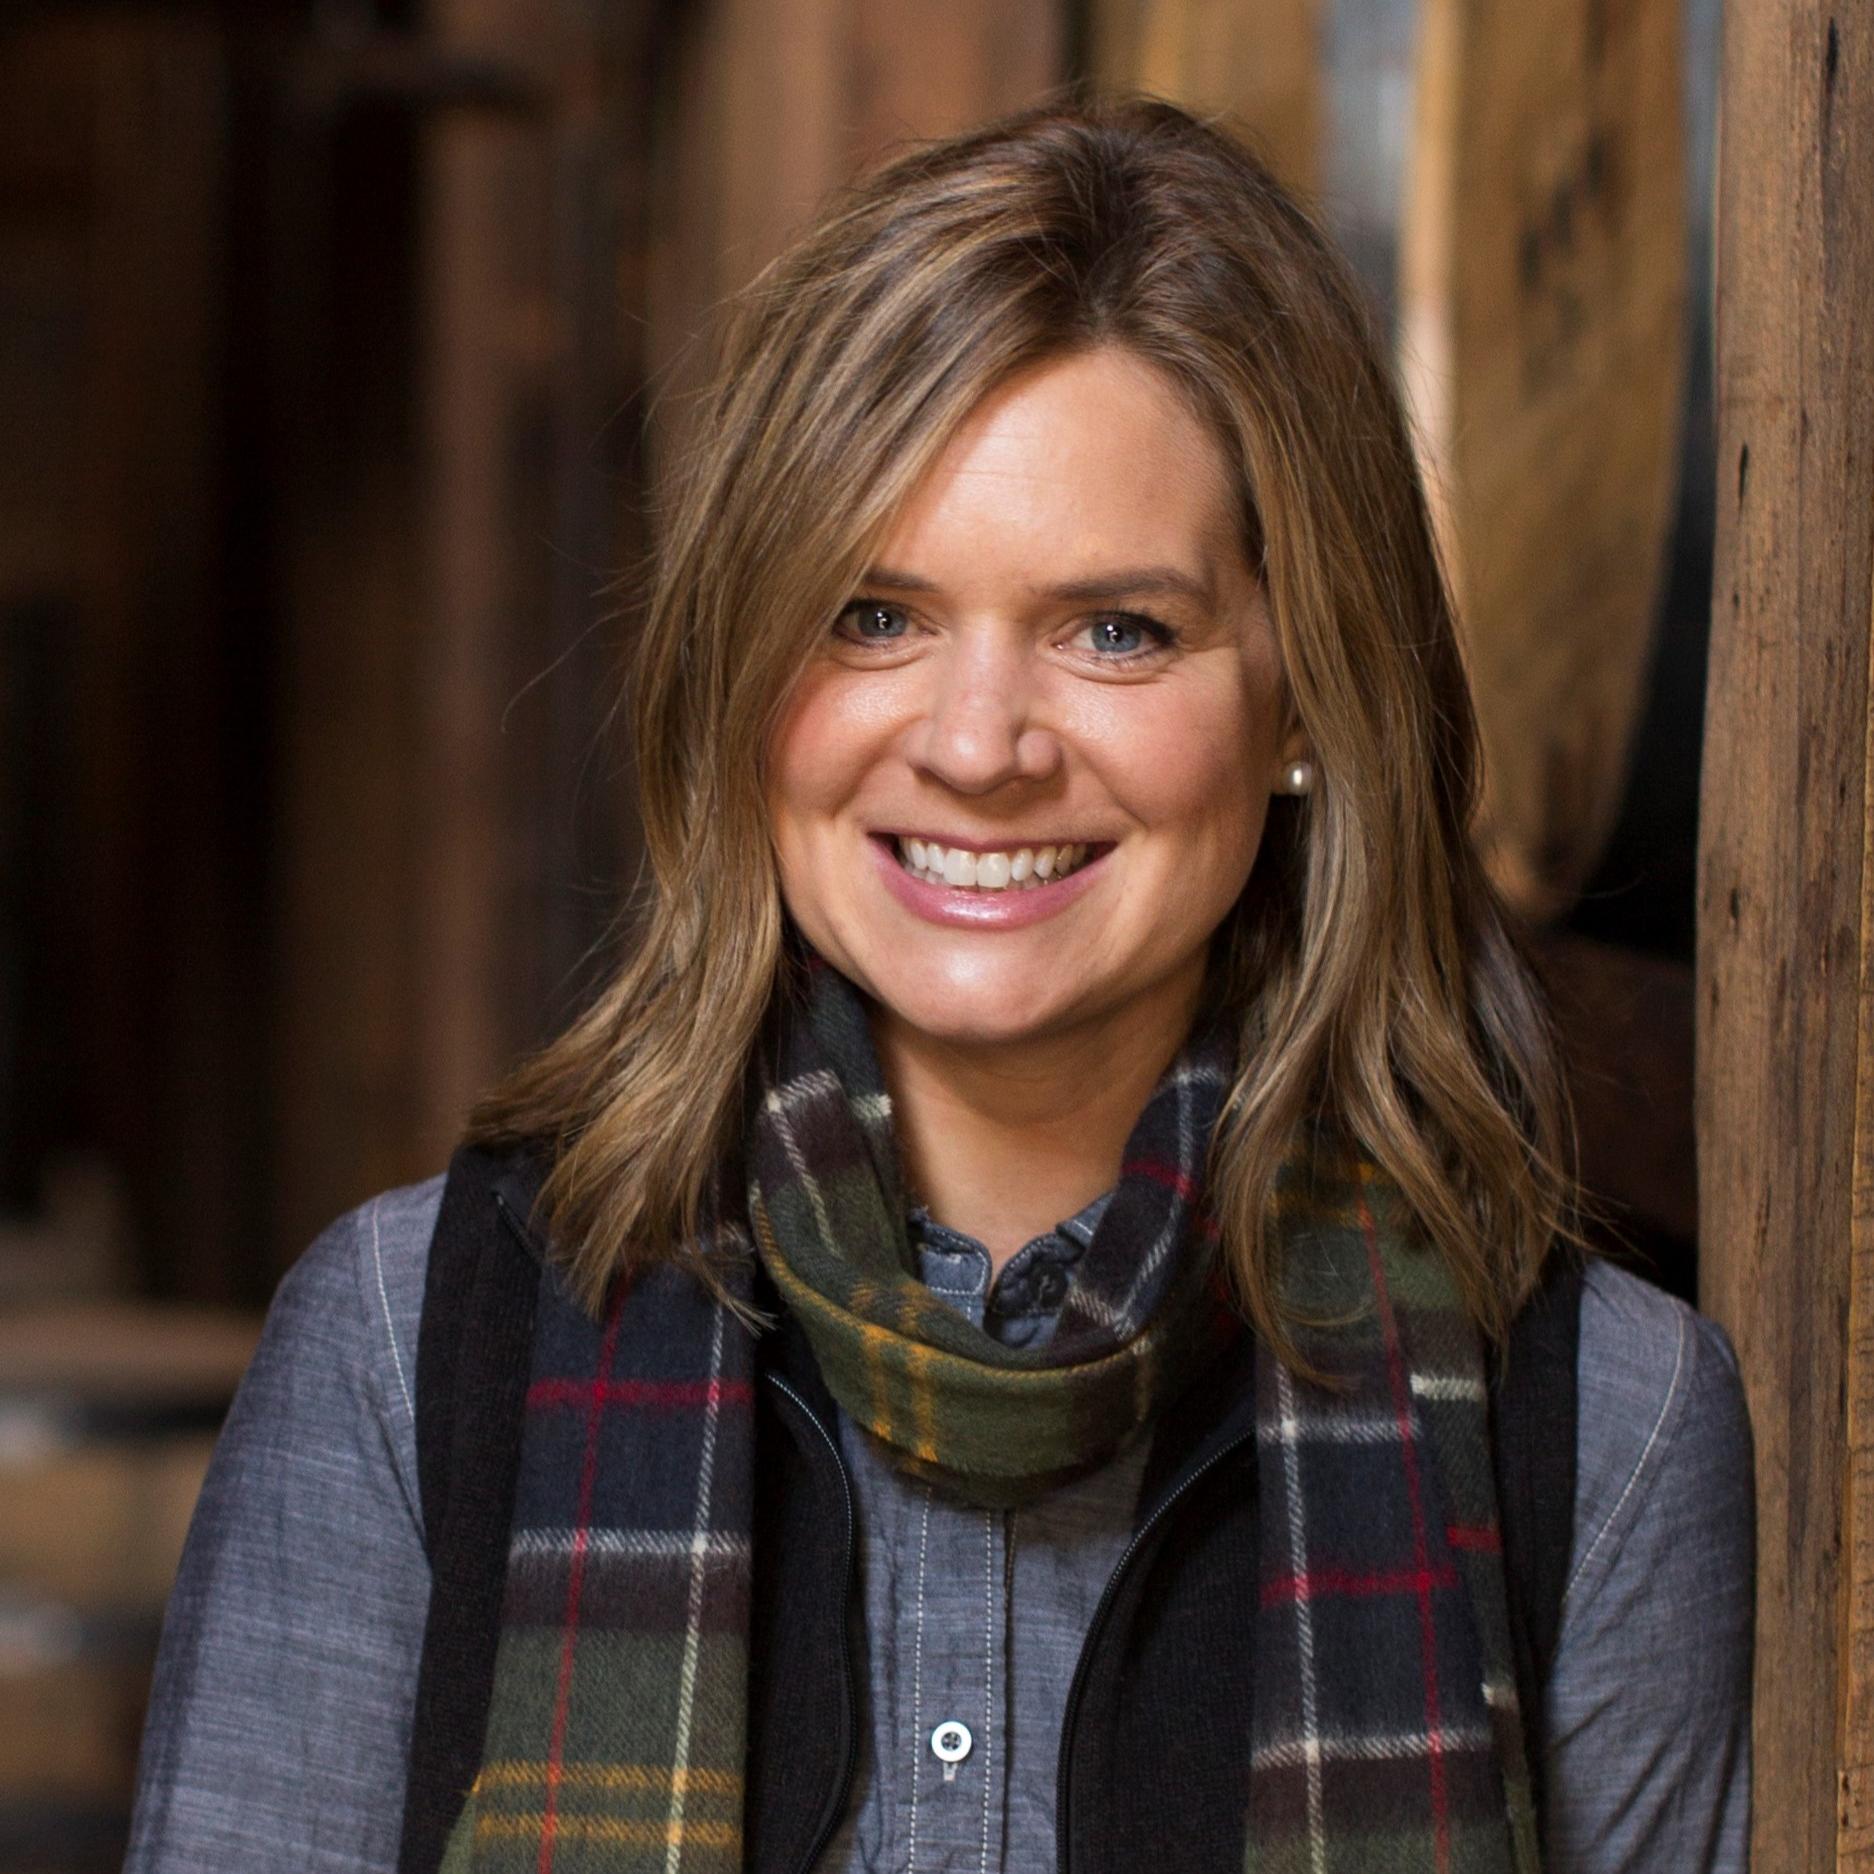 Elizabeth McCall - Assistant Master Distiller, Woodford Reserve, Brown-Forman